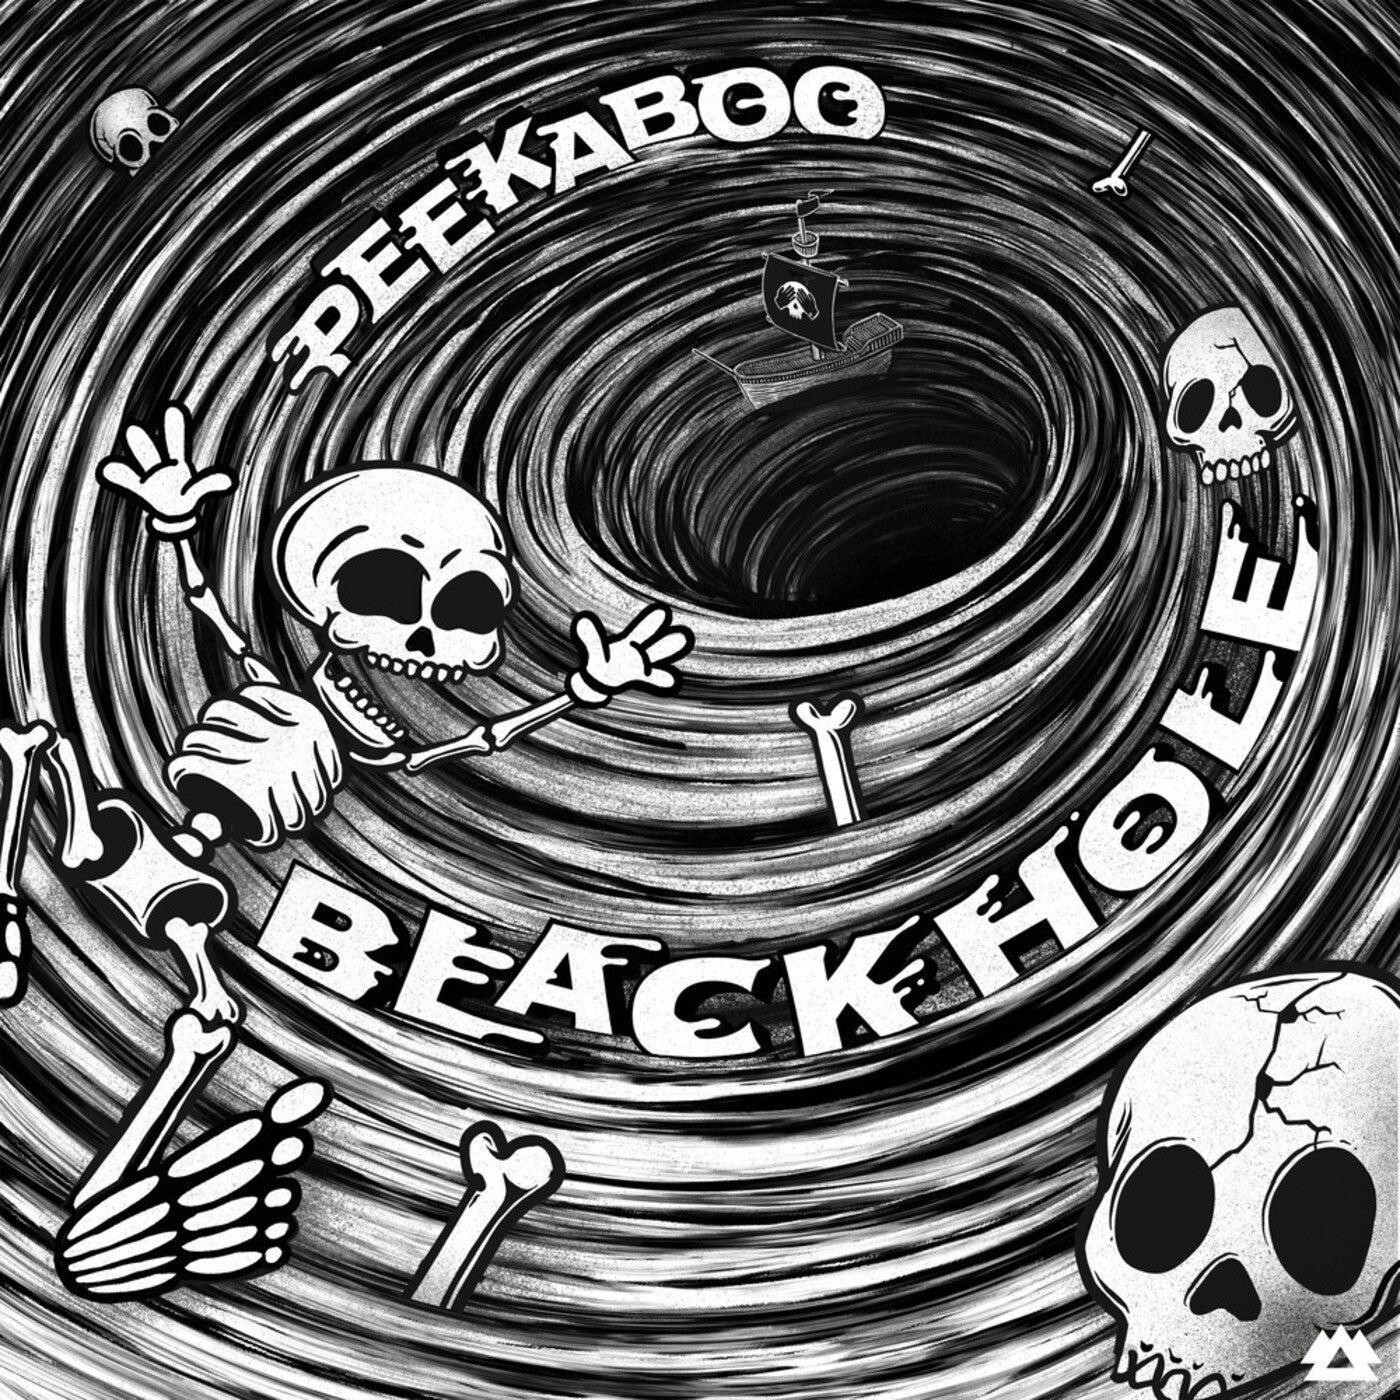 Black Hole (Original Mix)